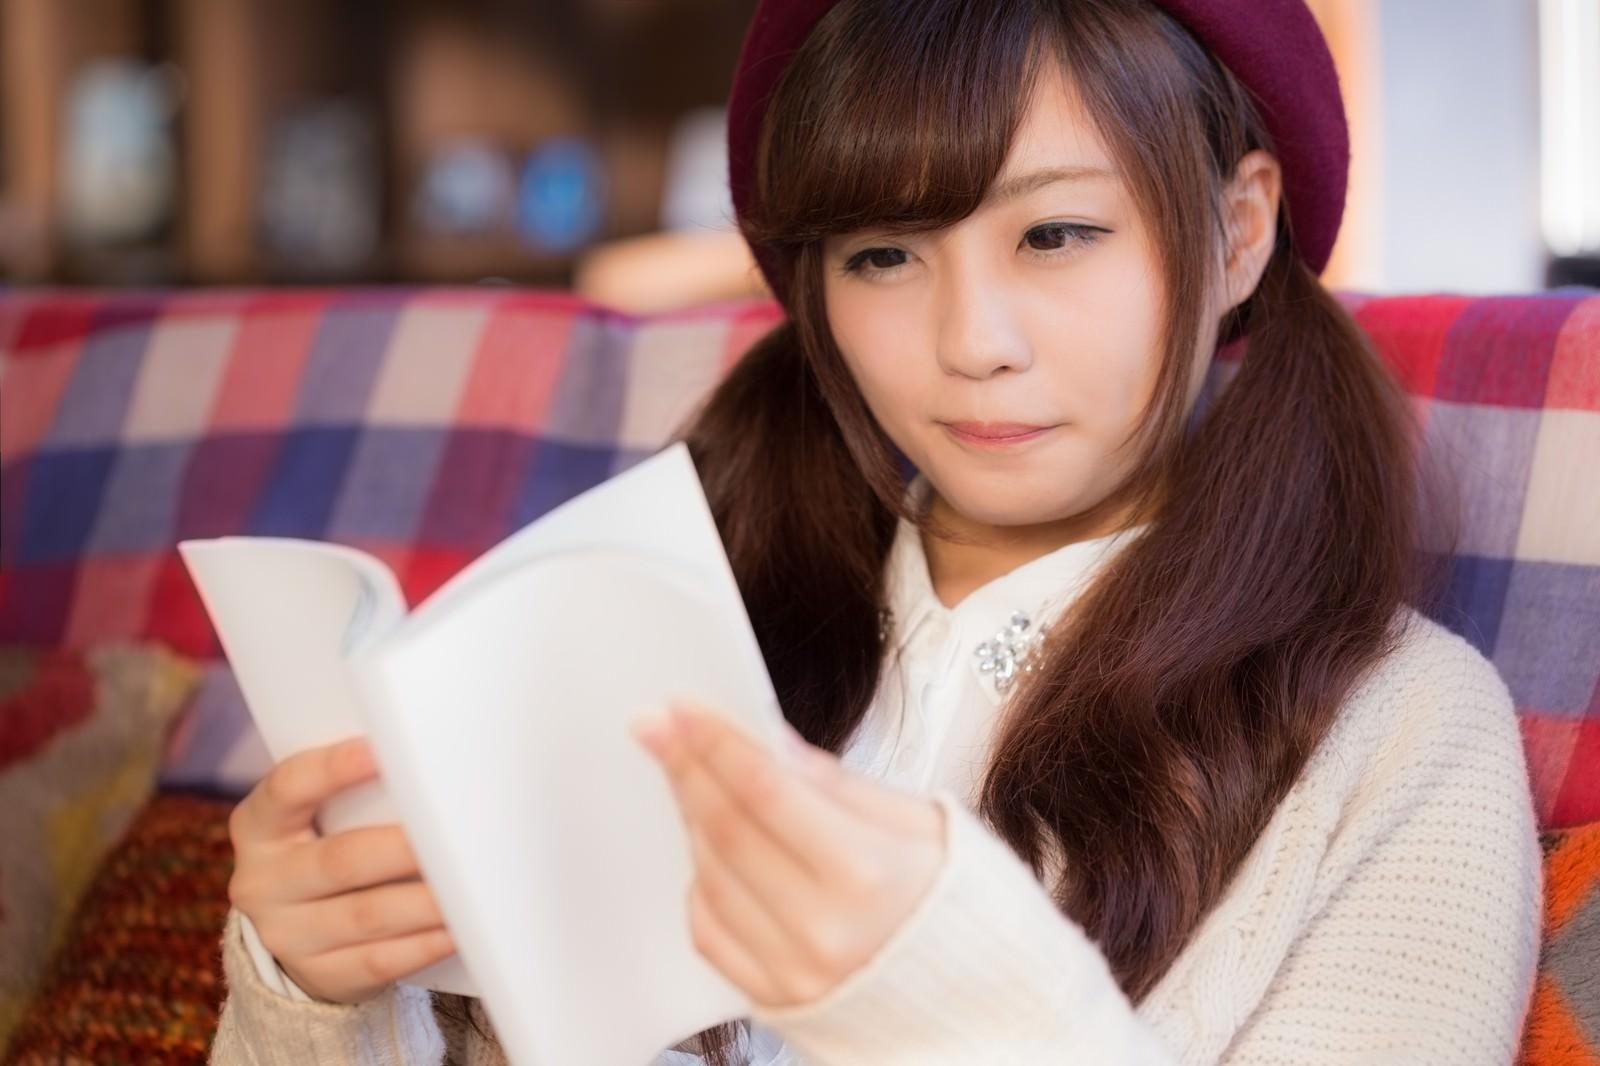 「新刊を楽しむ読書女子」の写真[モデル:河村友歌]